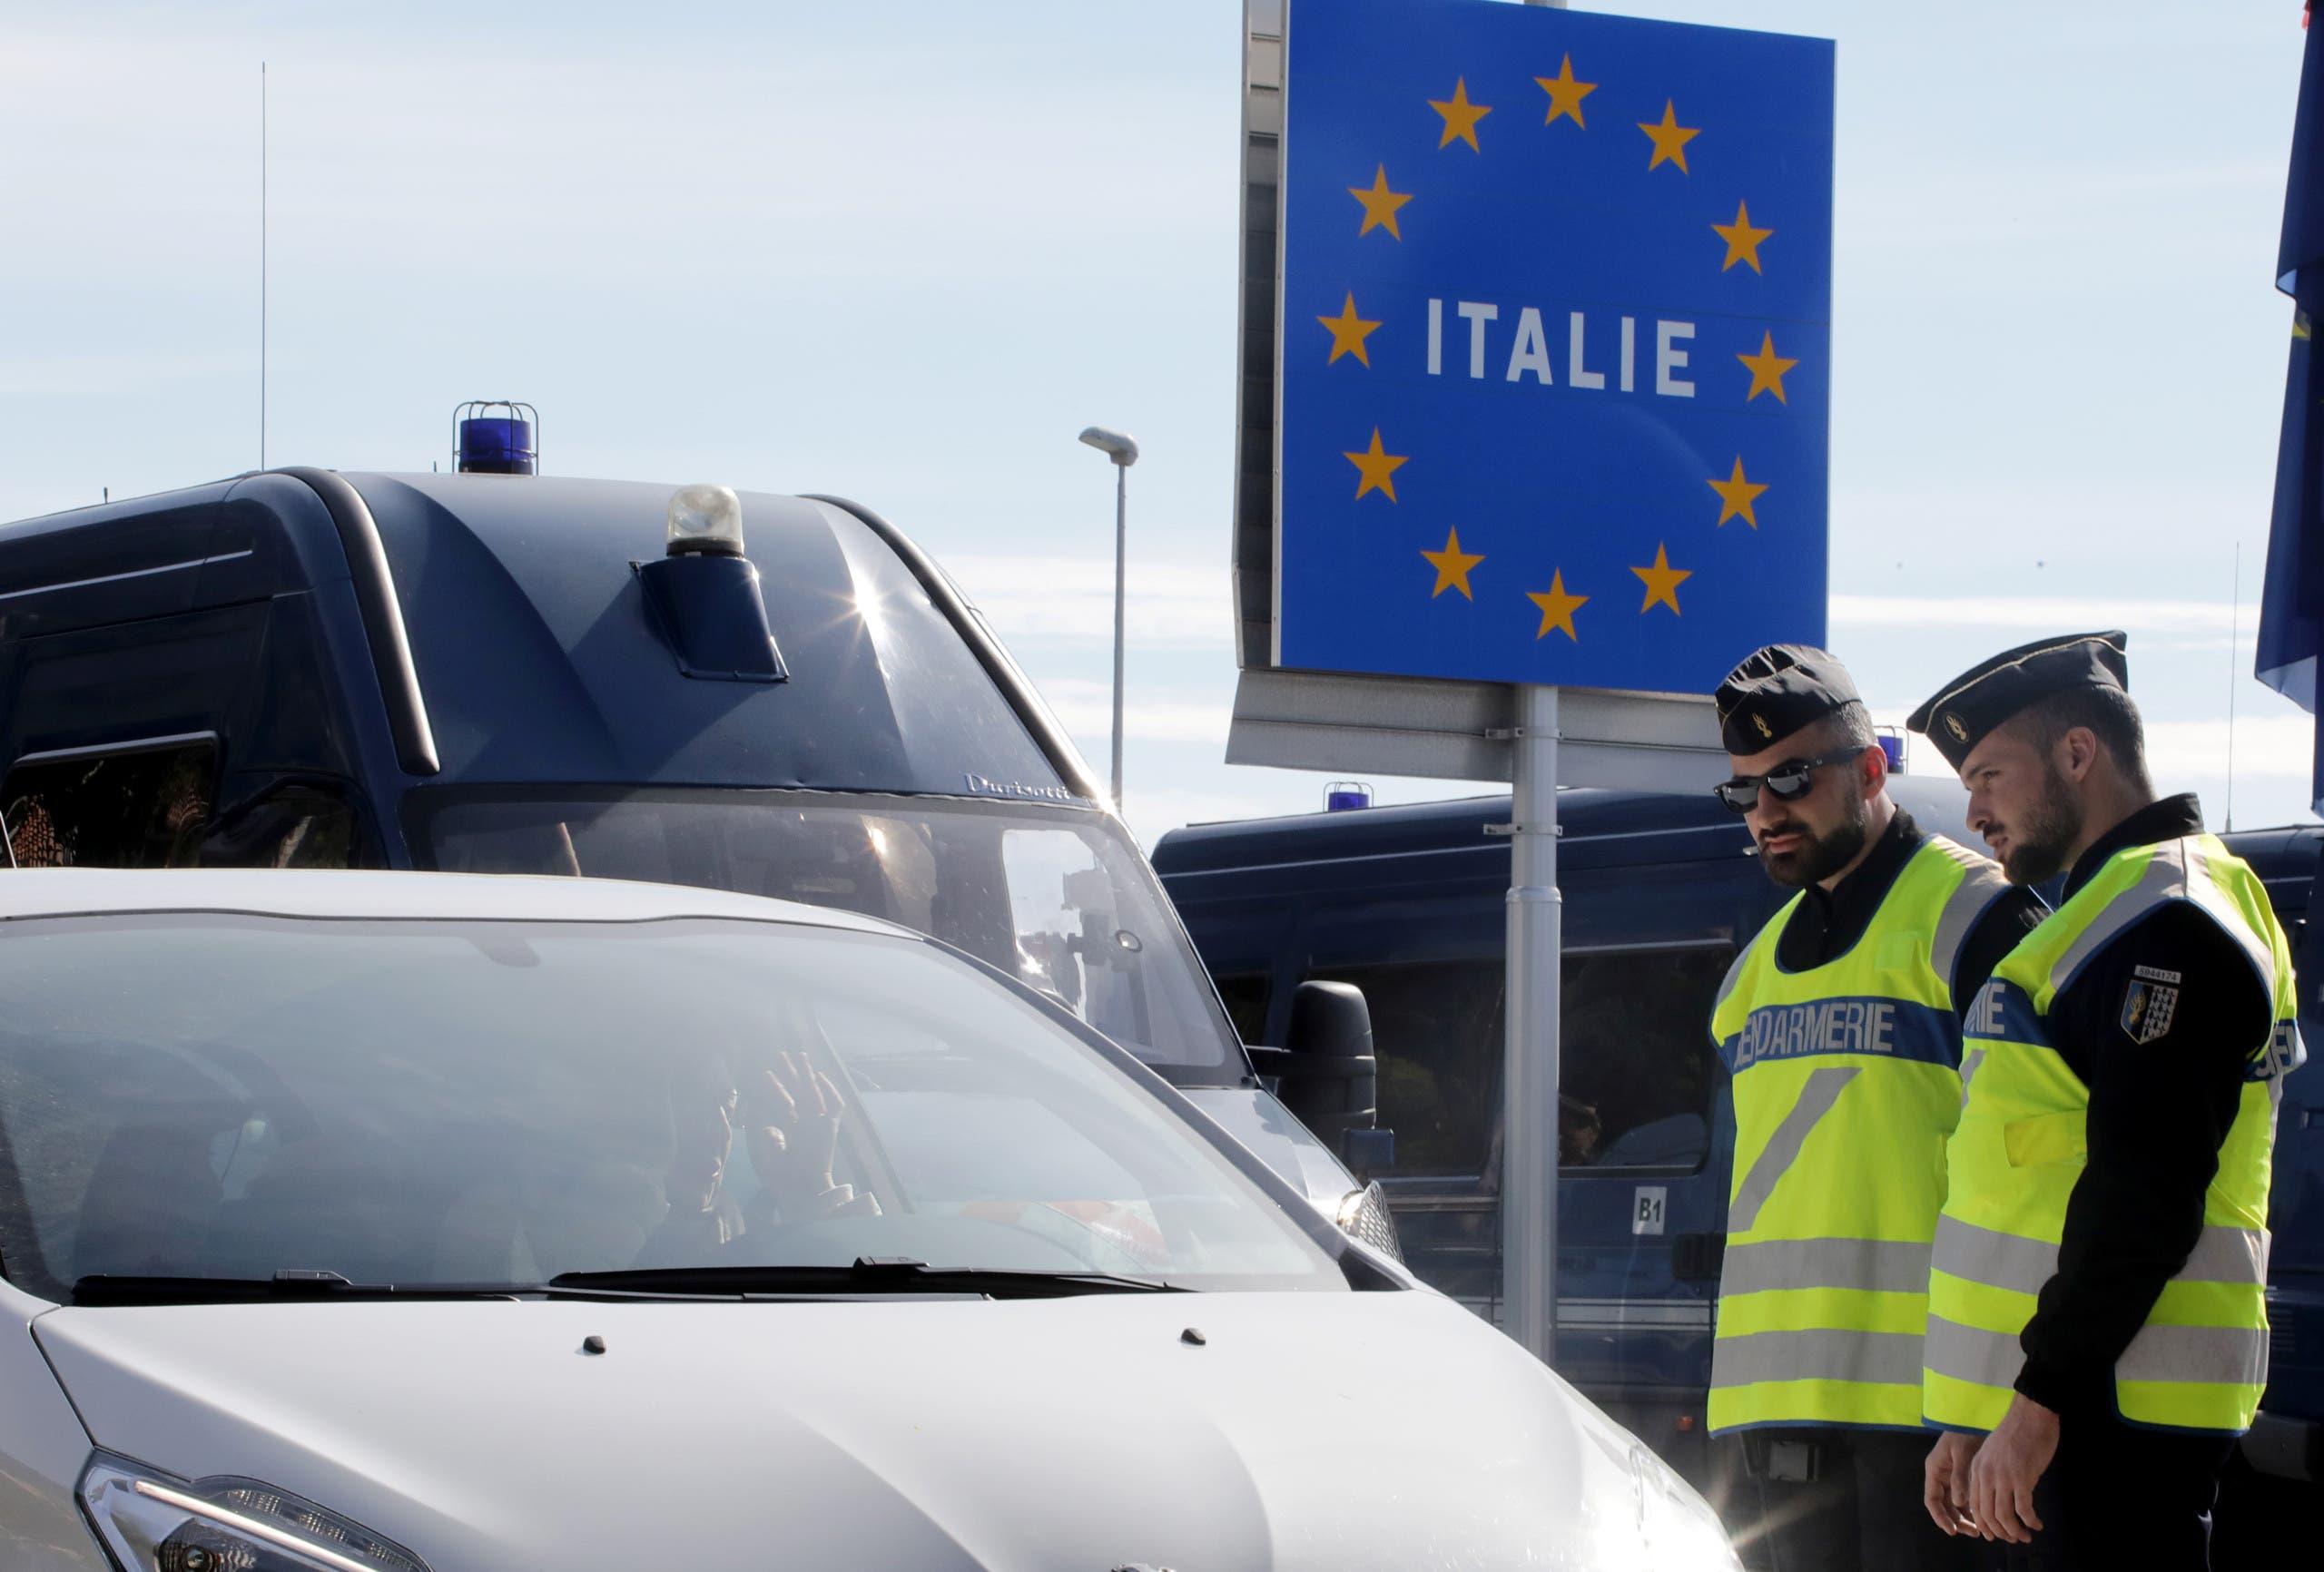 الشرطة الفرنسية على الحدود الإيطالية